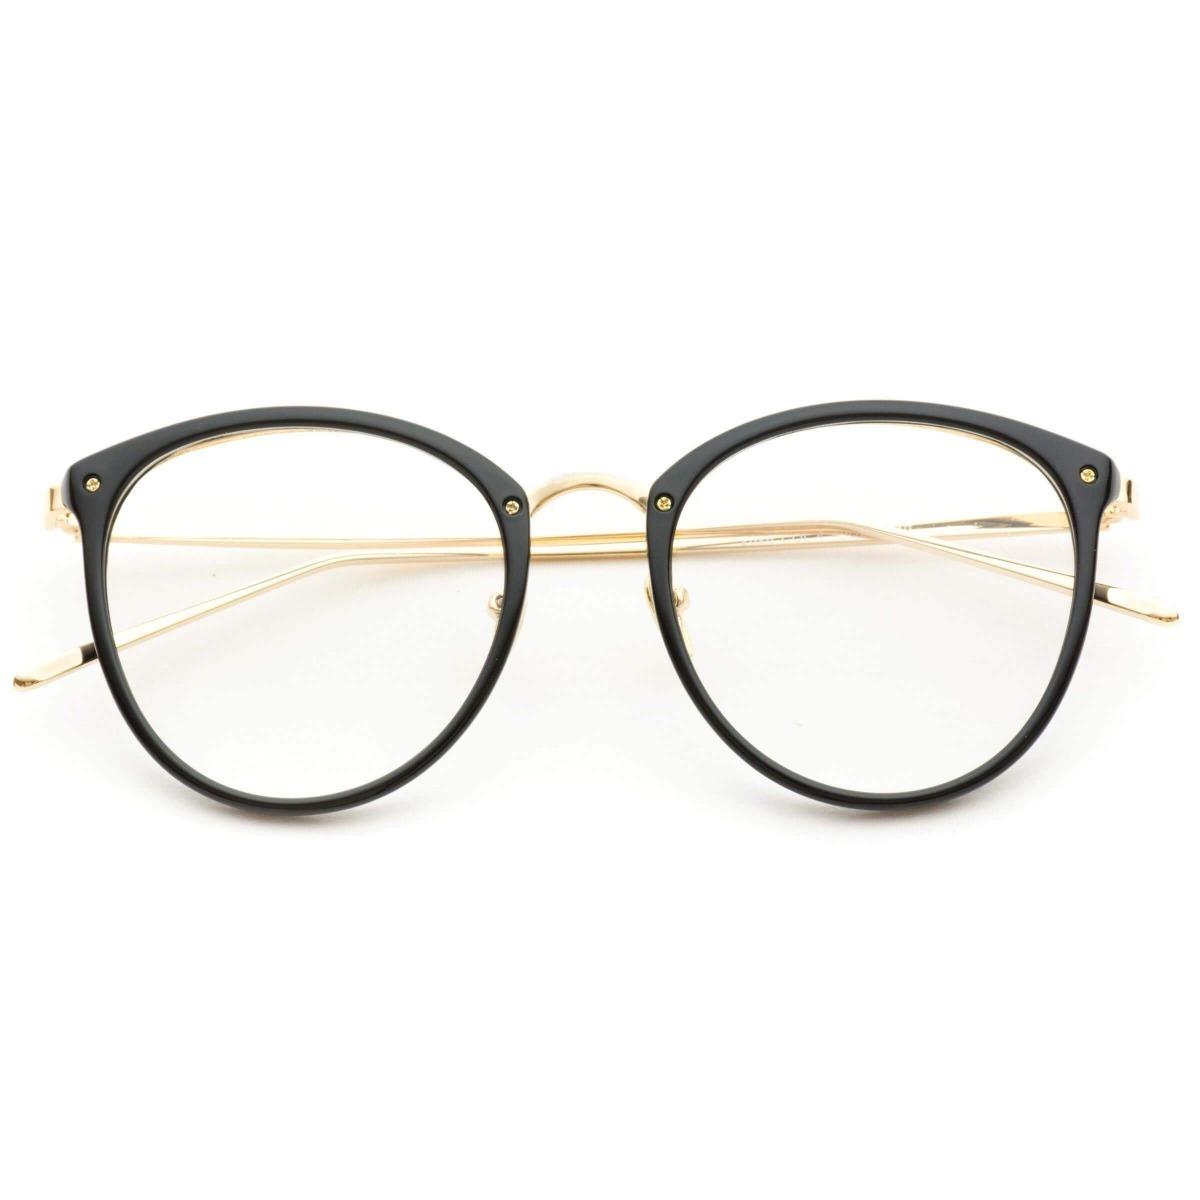 0de142865 armação oculos de grau prada original feminino várias cores. Carregando  zoom.